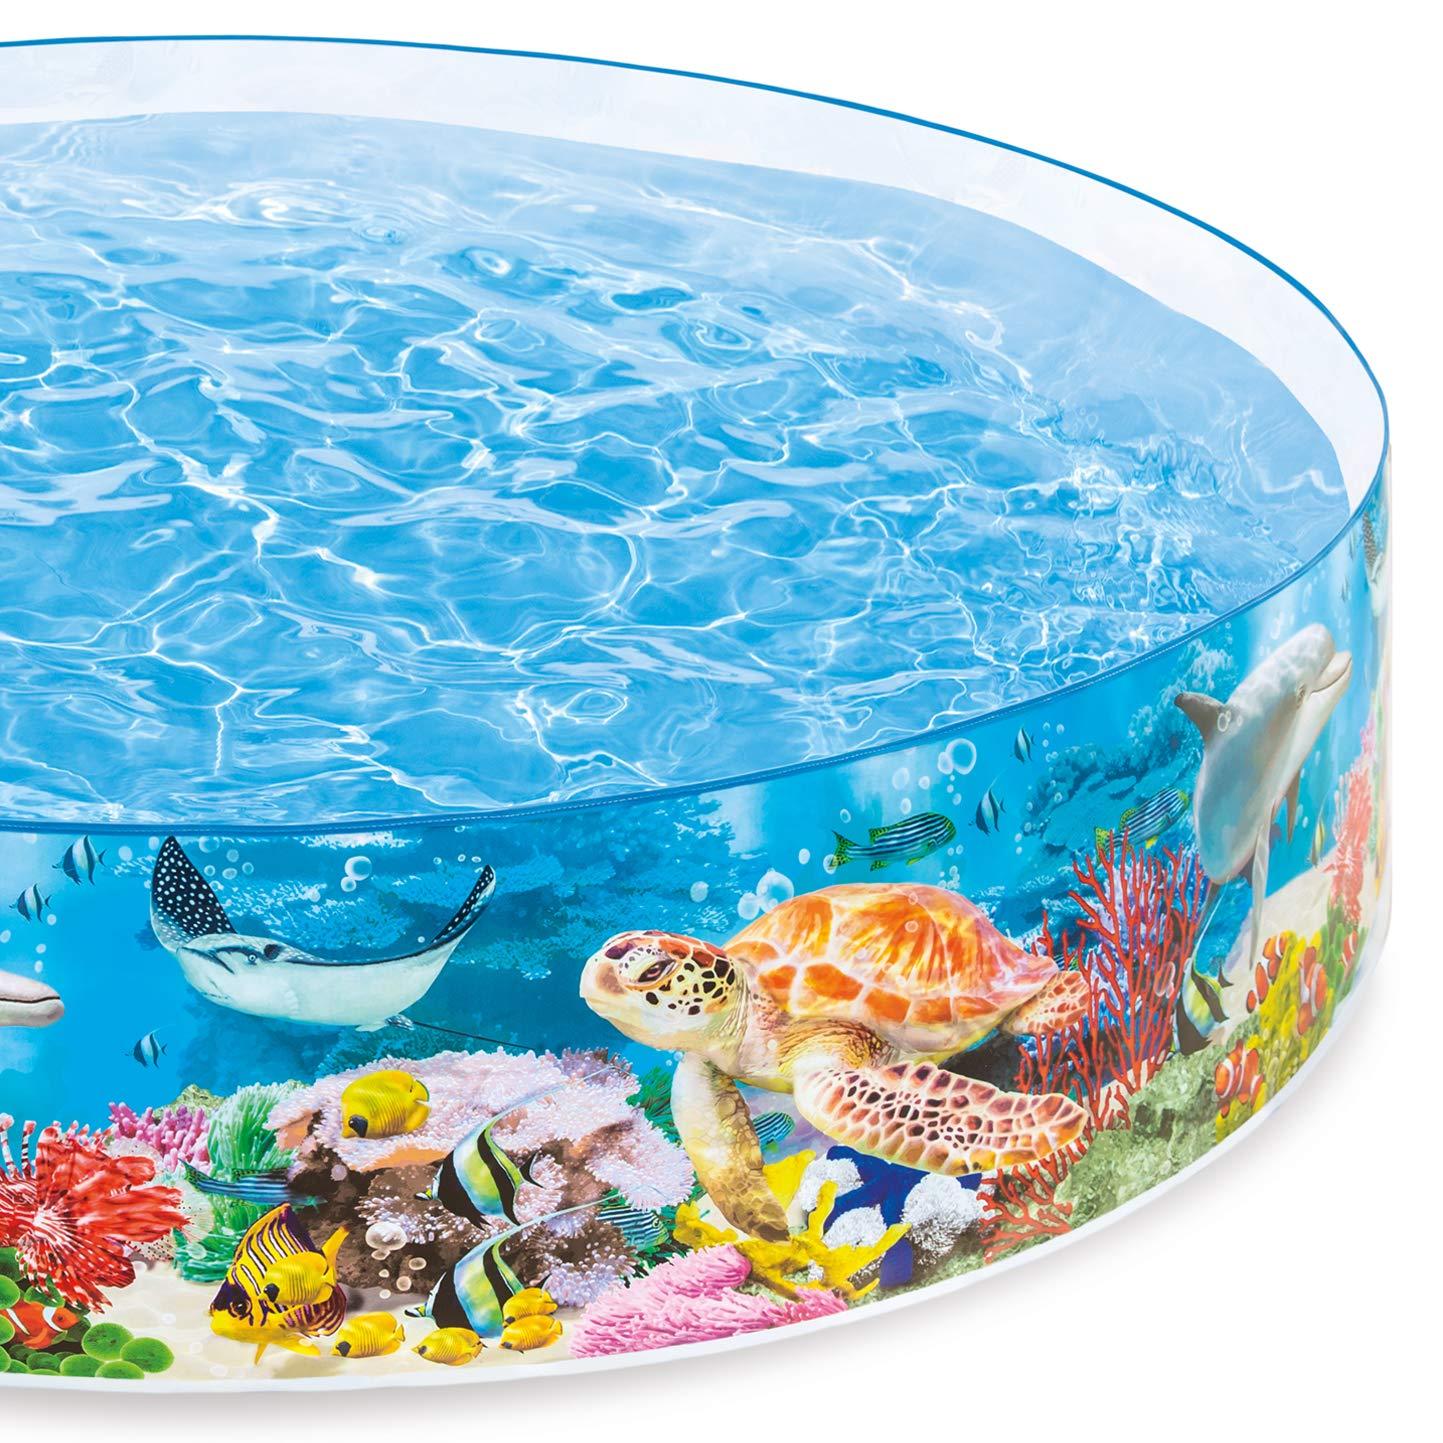 Intex Deep Sea Blue SnapSet Kiddie Swimming Pool by Intex